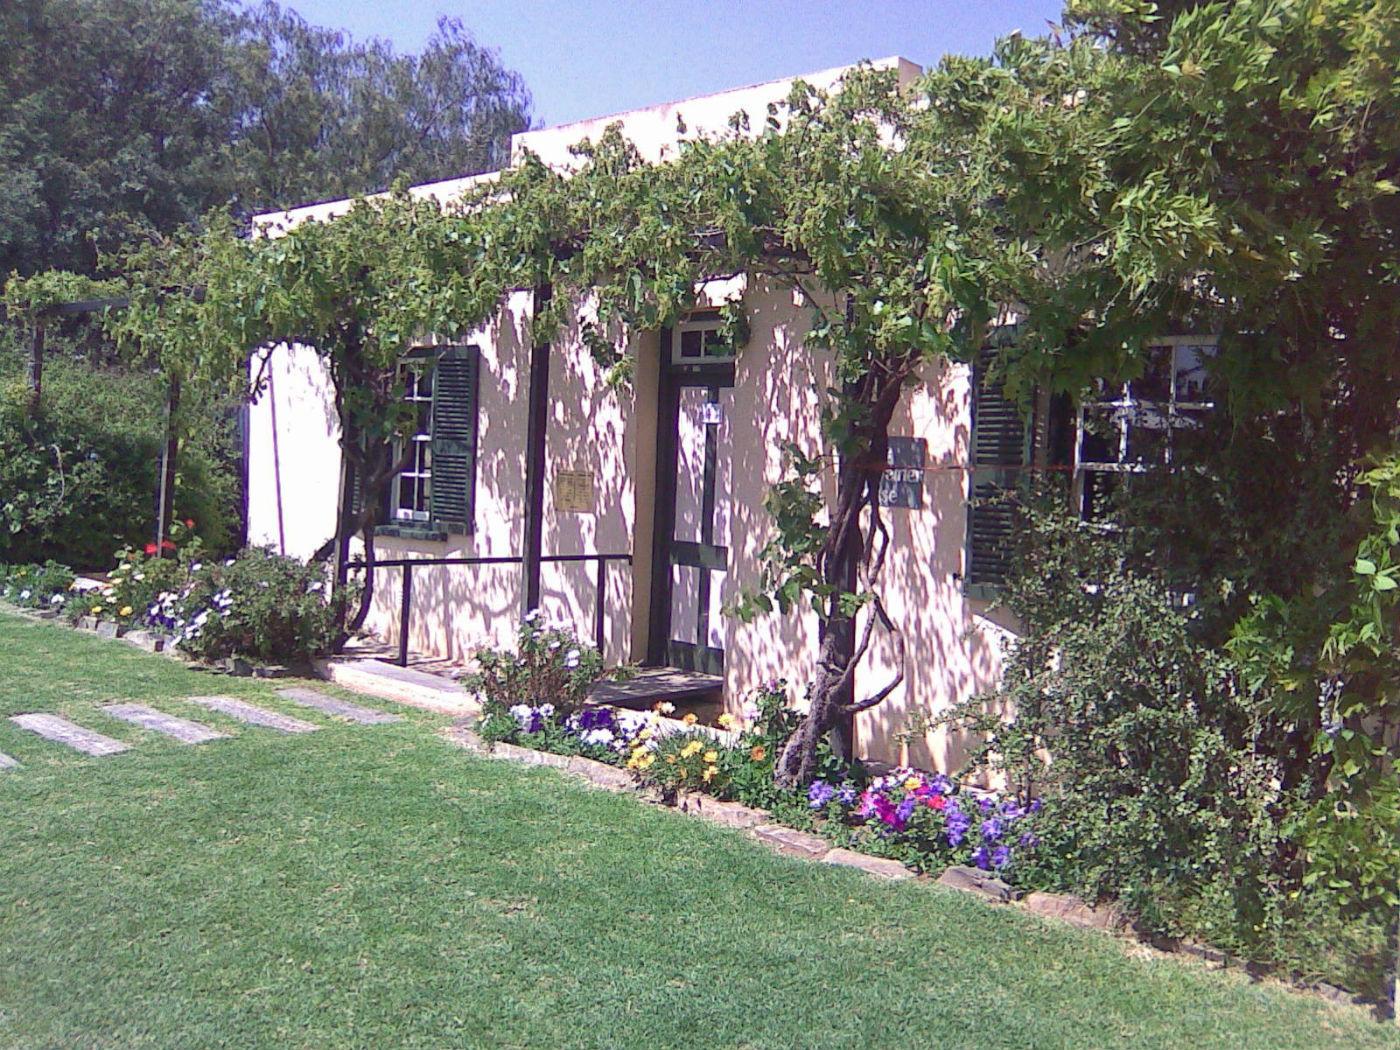 Oliver Schreiner's House in Cradock